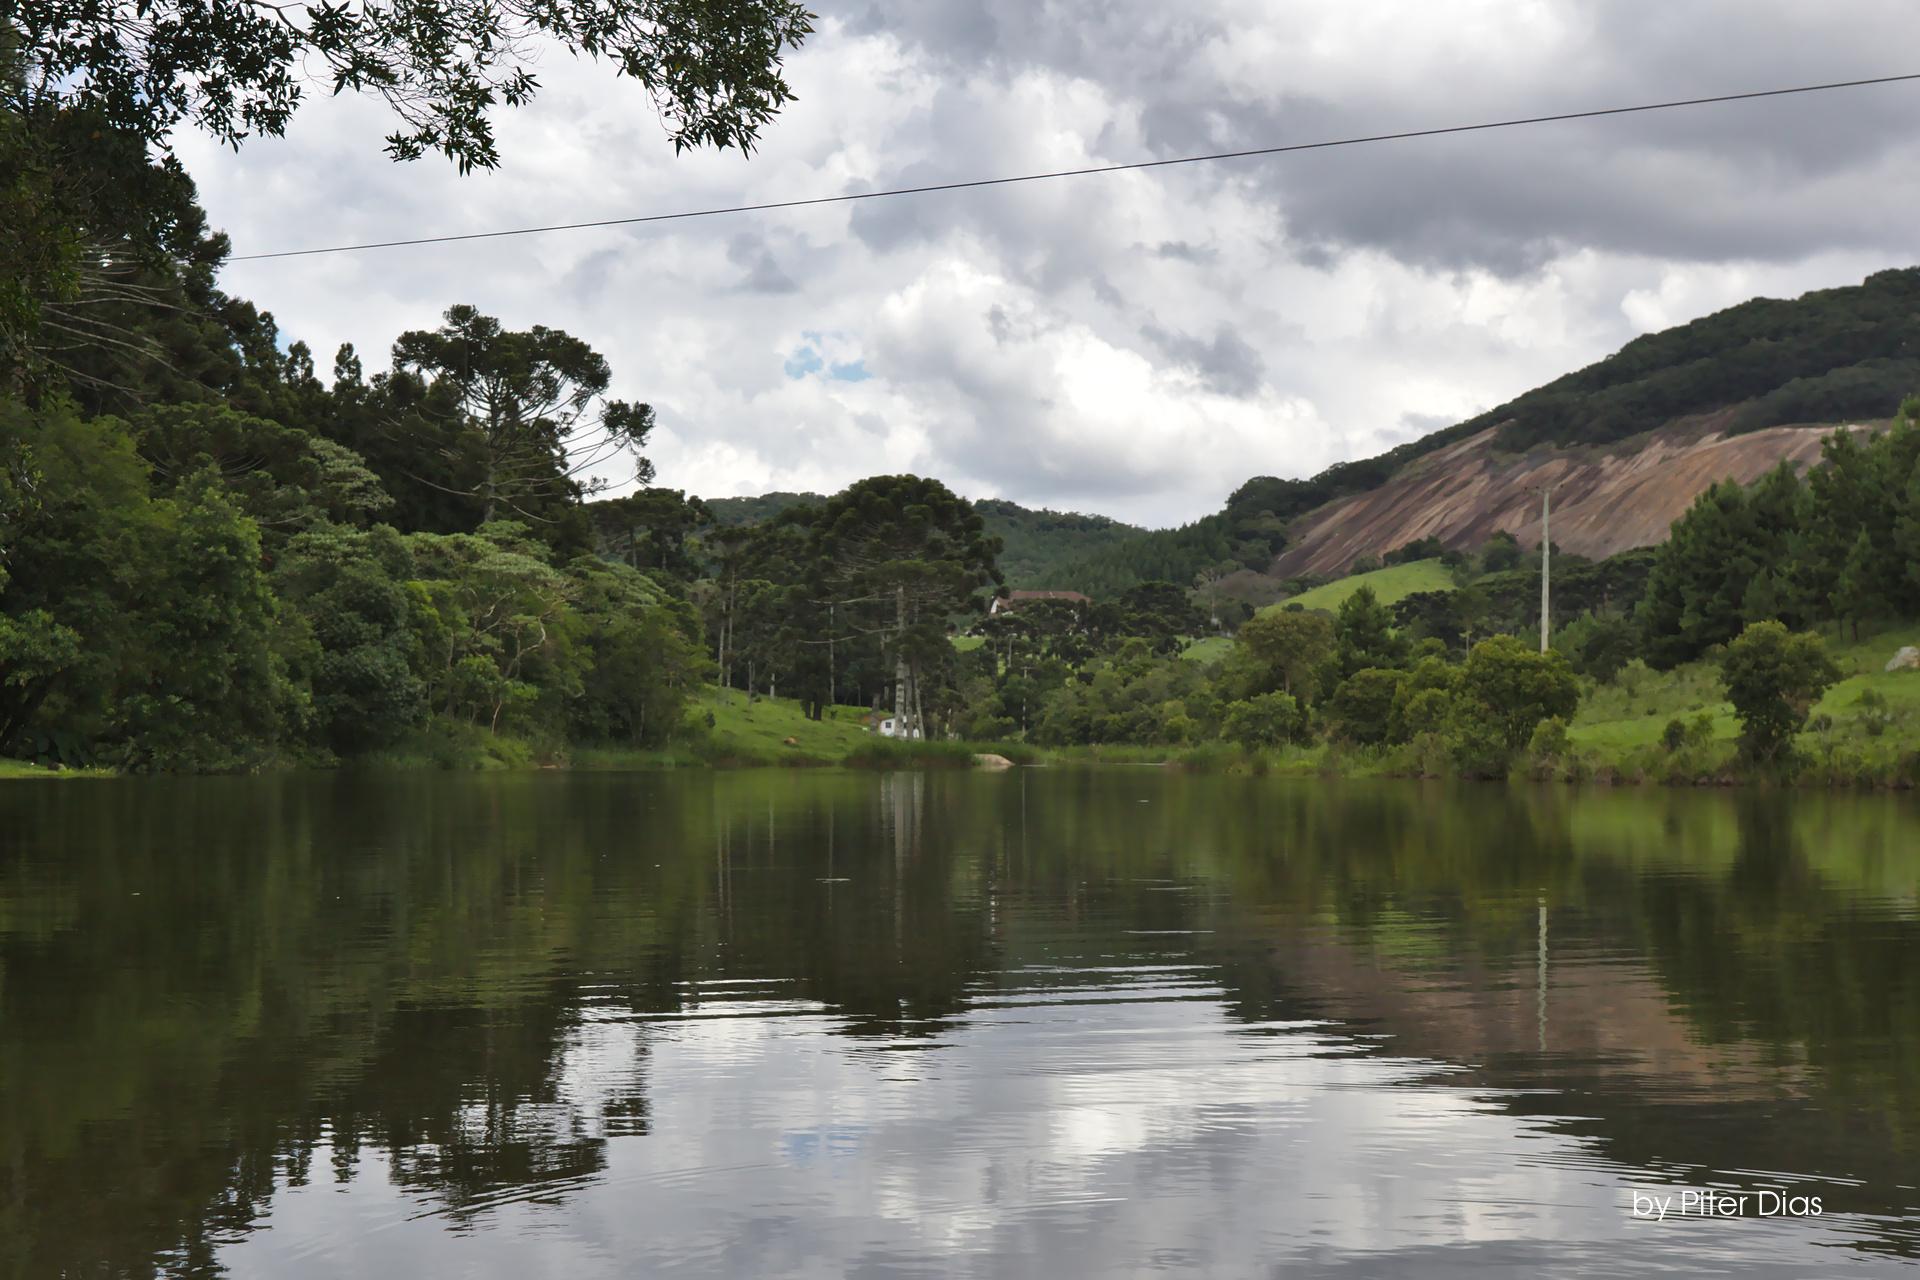 Fototrilha 17 – Reserva Ecológica do Vuna